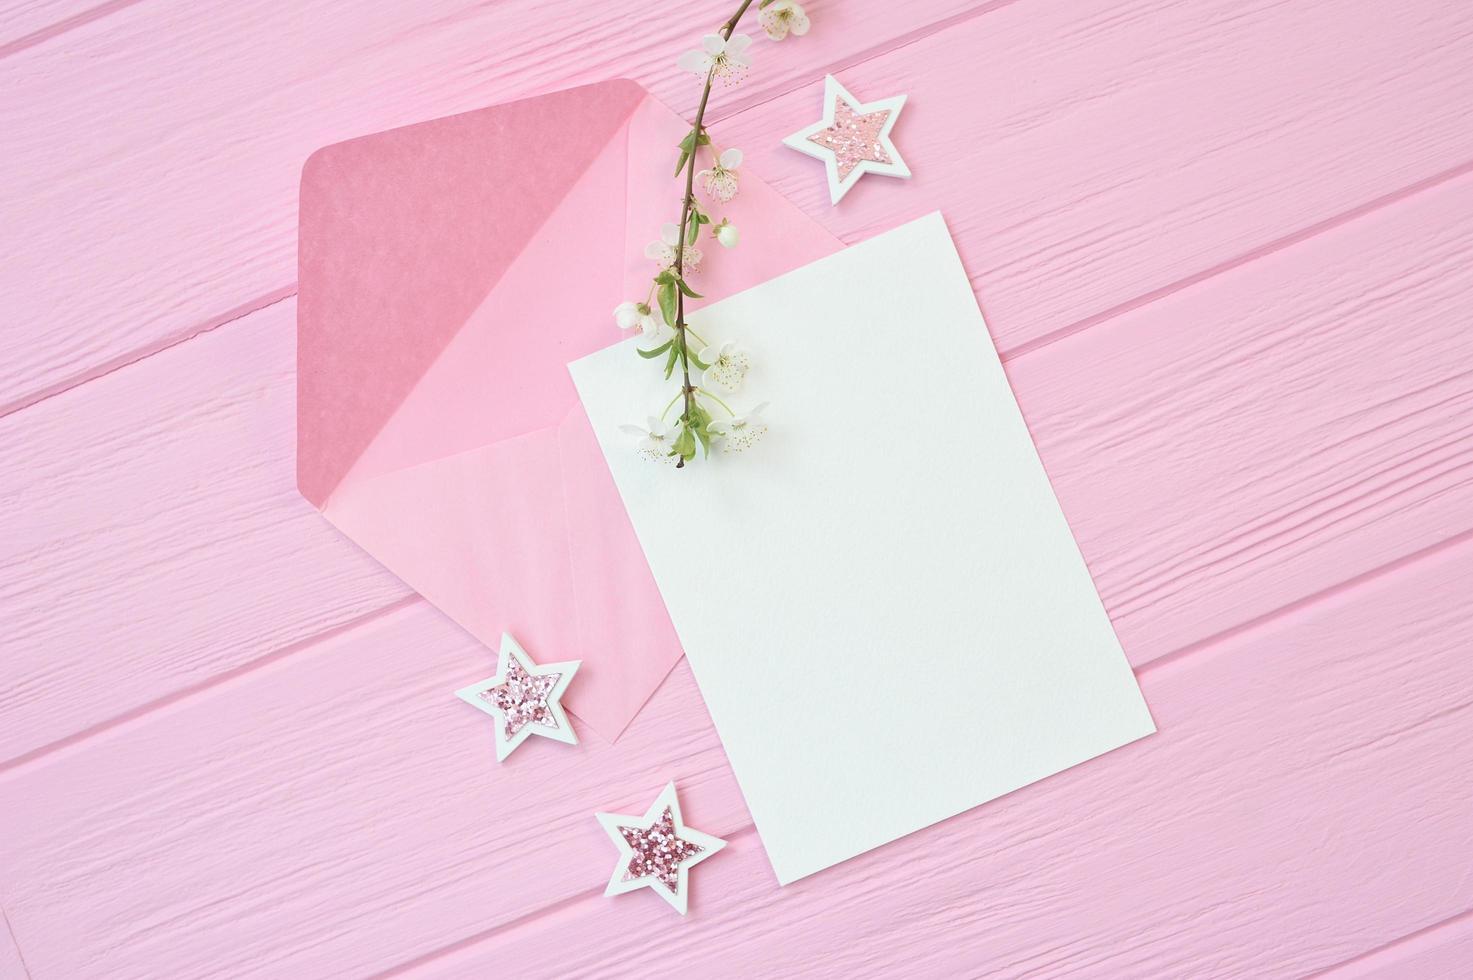 papier maquette avec feuillage et fond rose photo